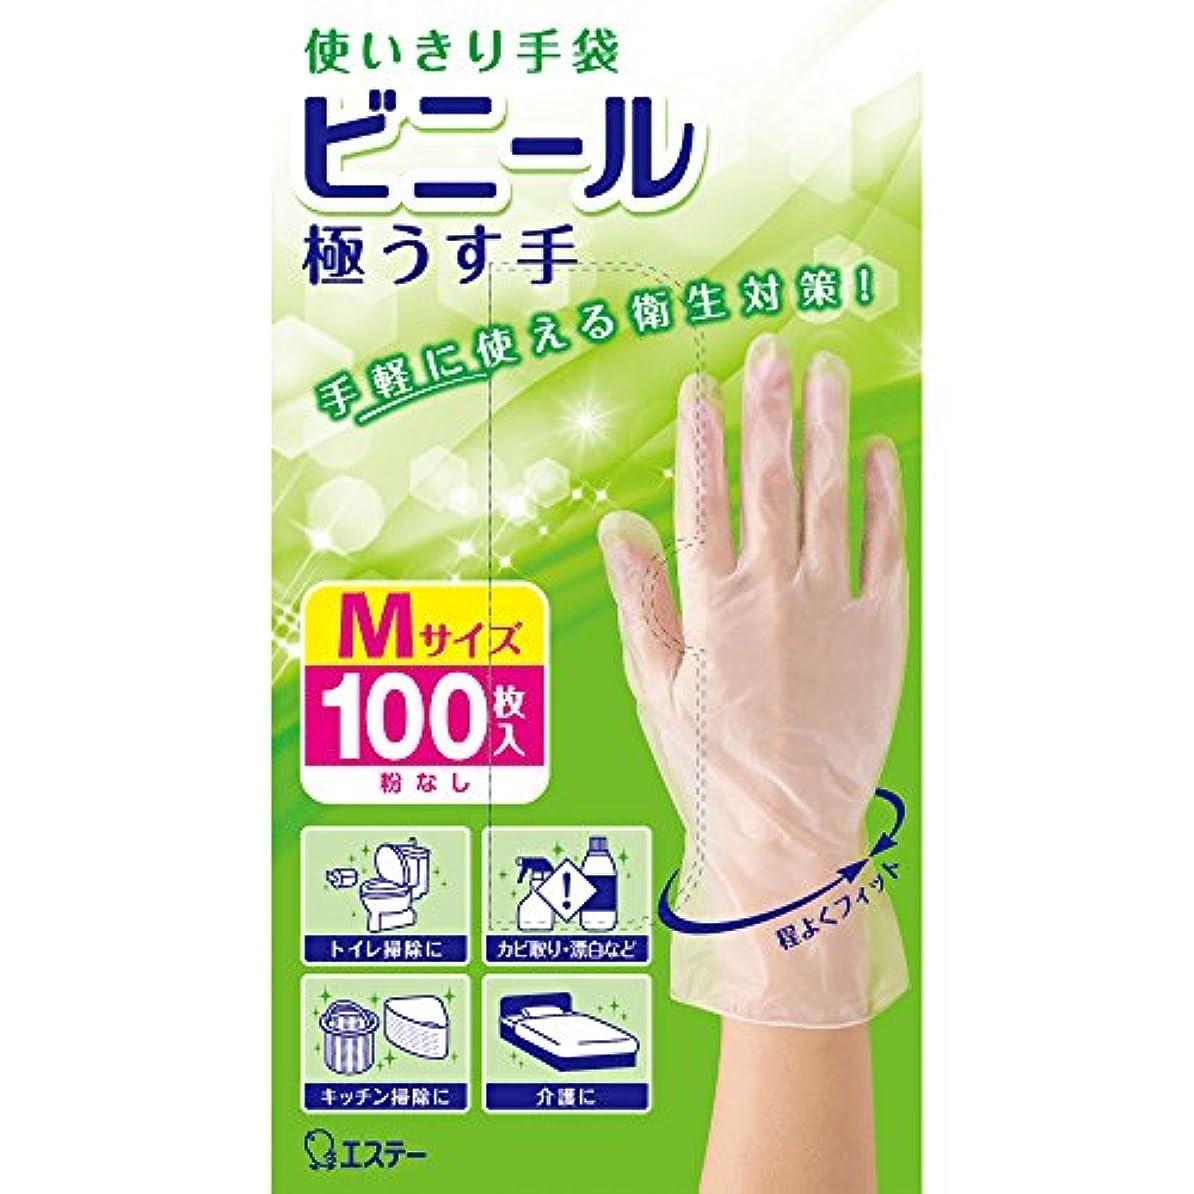 曲事前に迫害使いきり手袋 ビニール 極うす手 炊事?掃除用 Mサイズ 半透明 100枚